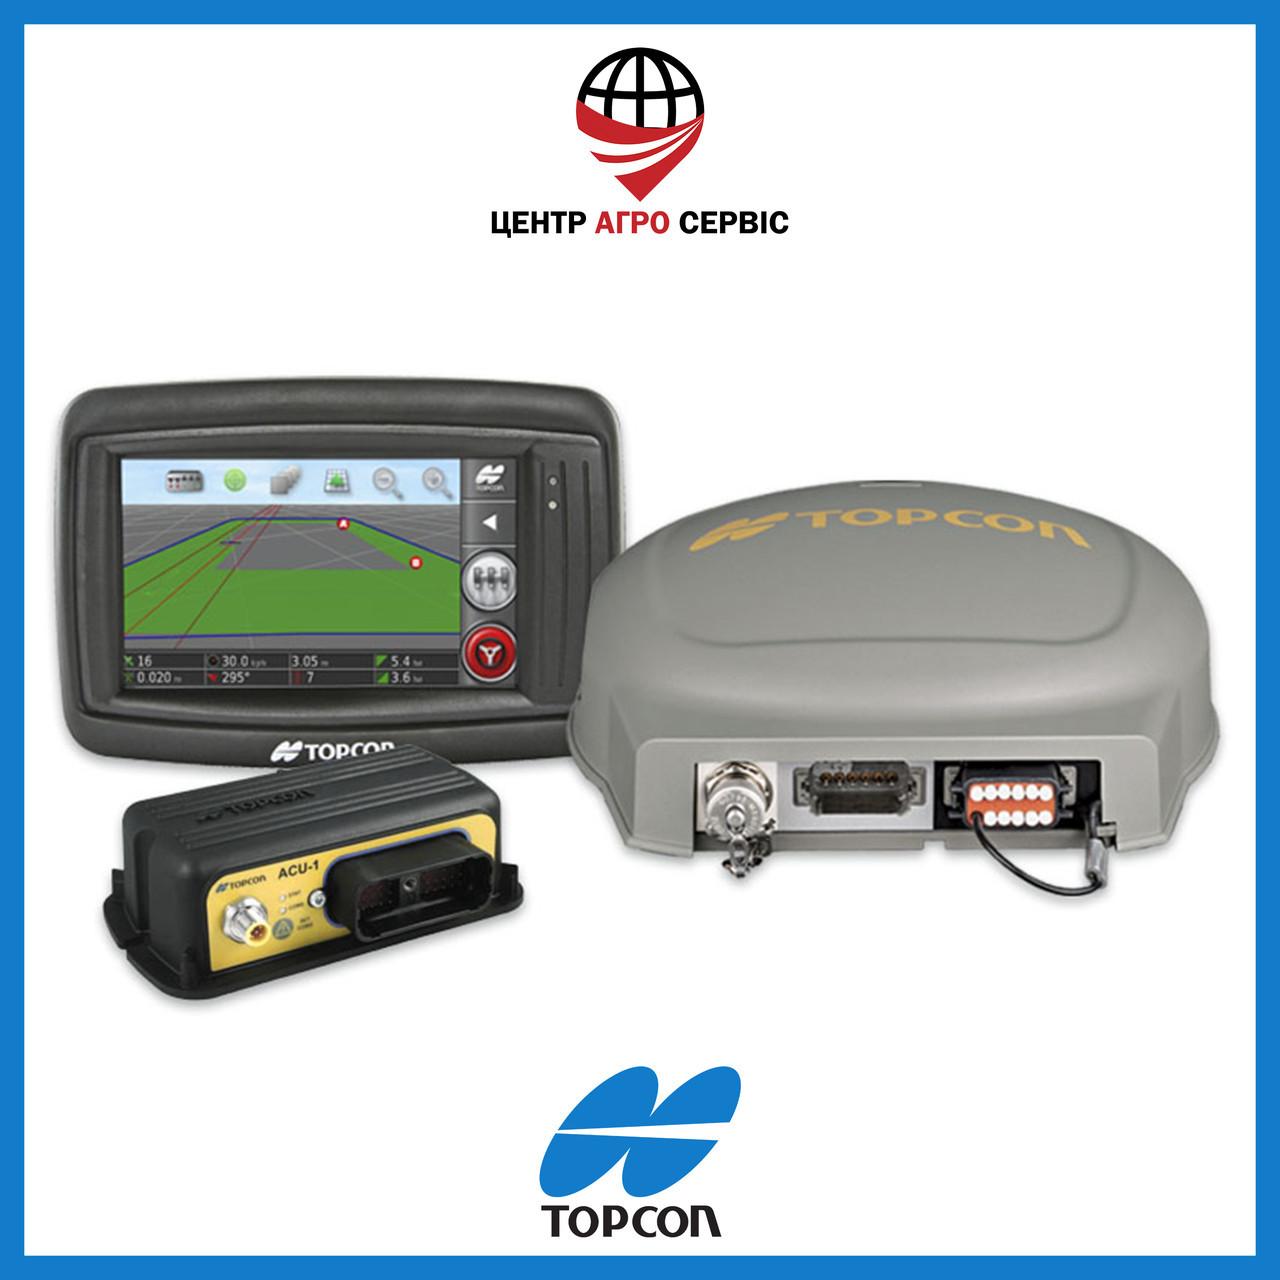 Автопилот TOPCON System X14 AGSR (гидравлическое автоматическое вождение для трактора, опрыскивателя,комбайна)